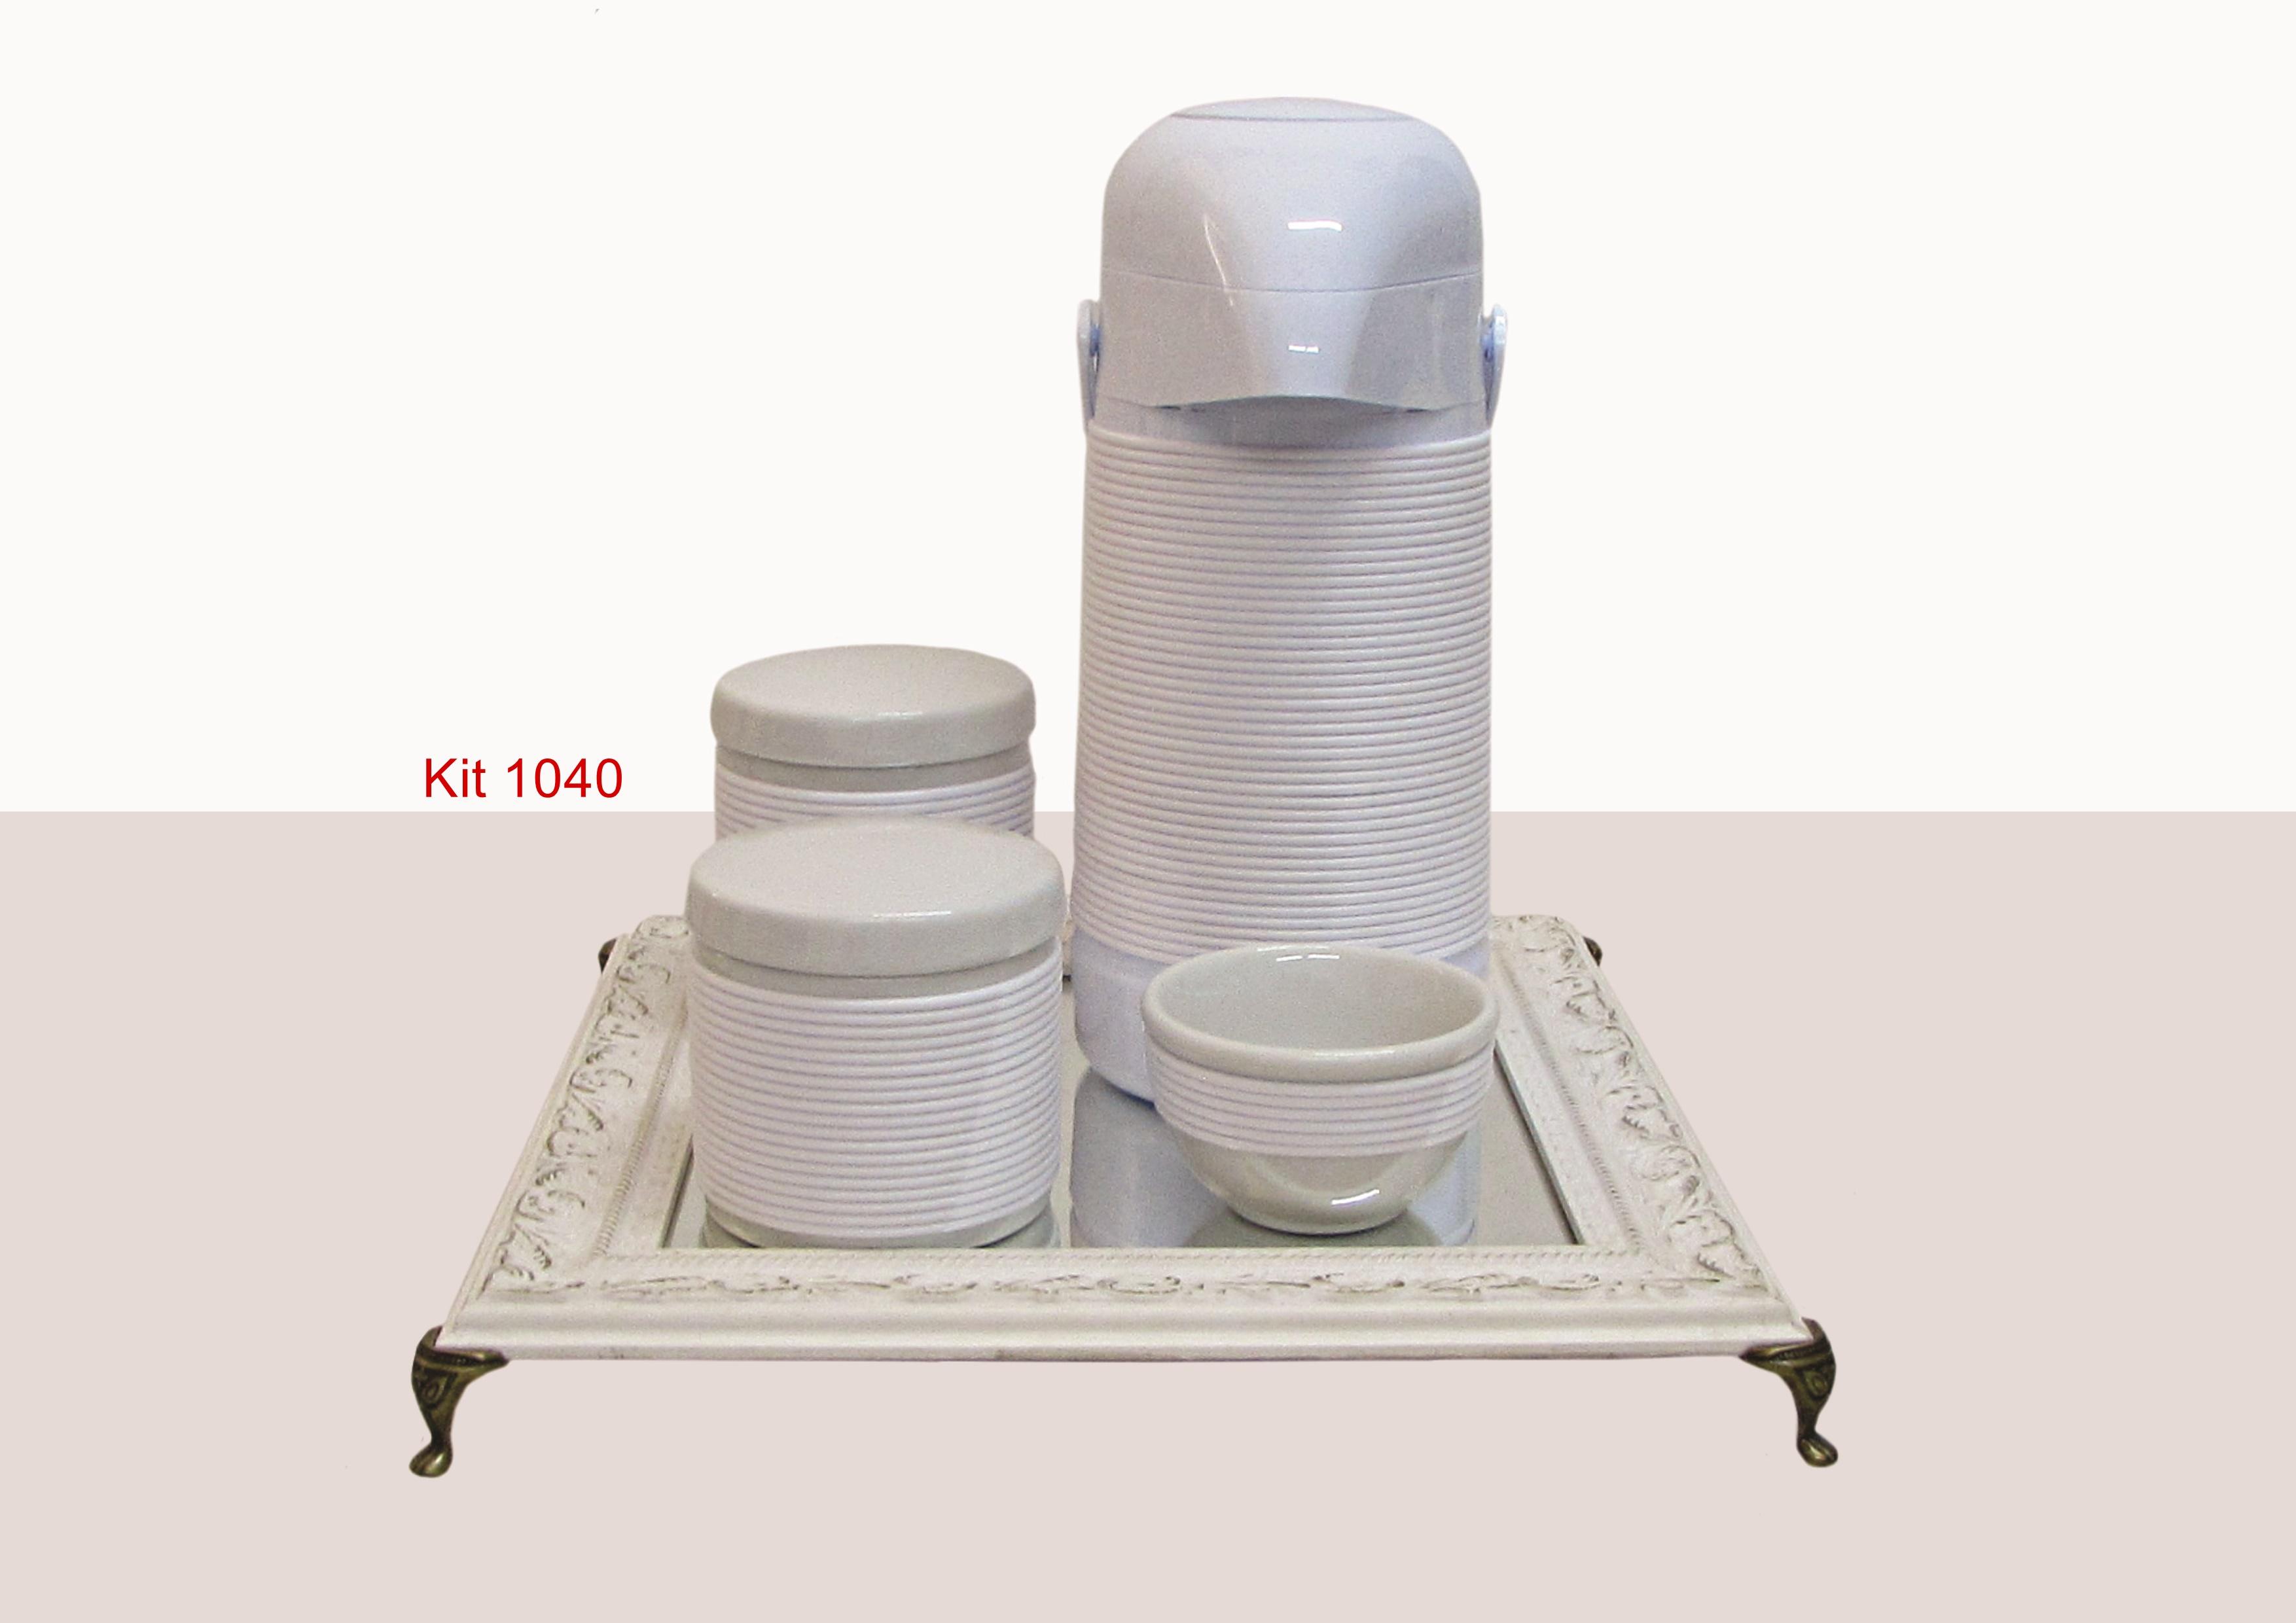 kit 1040